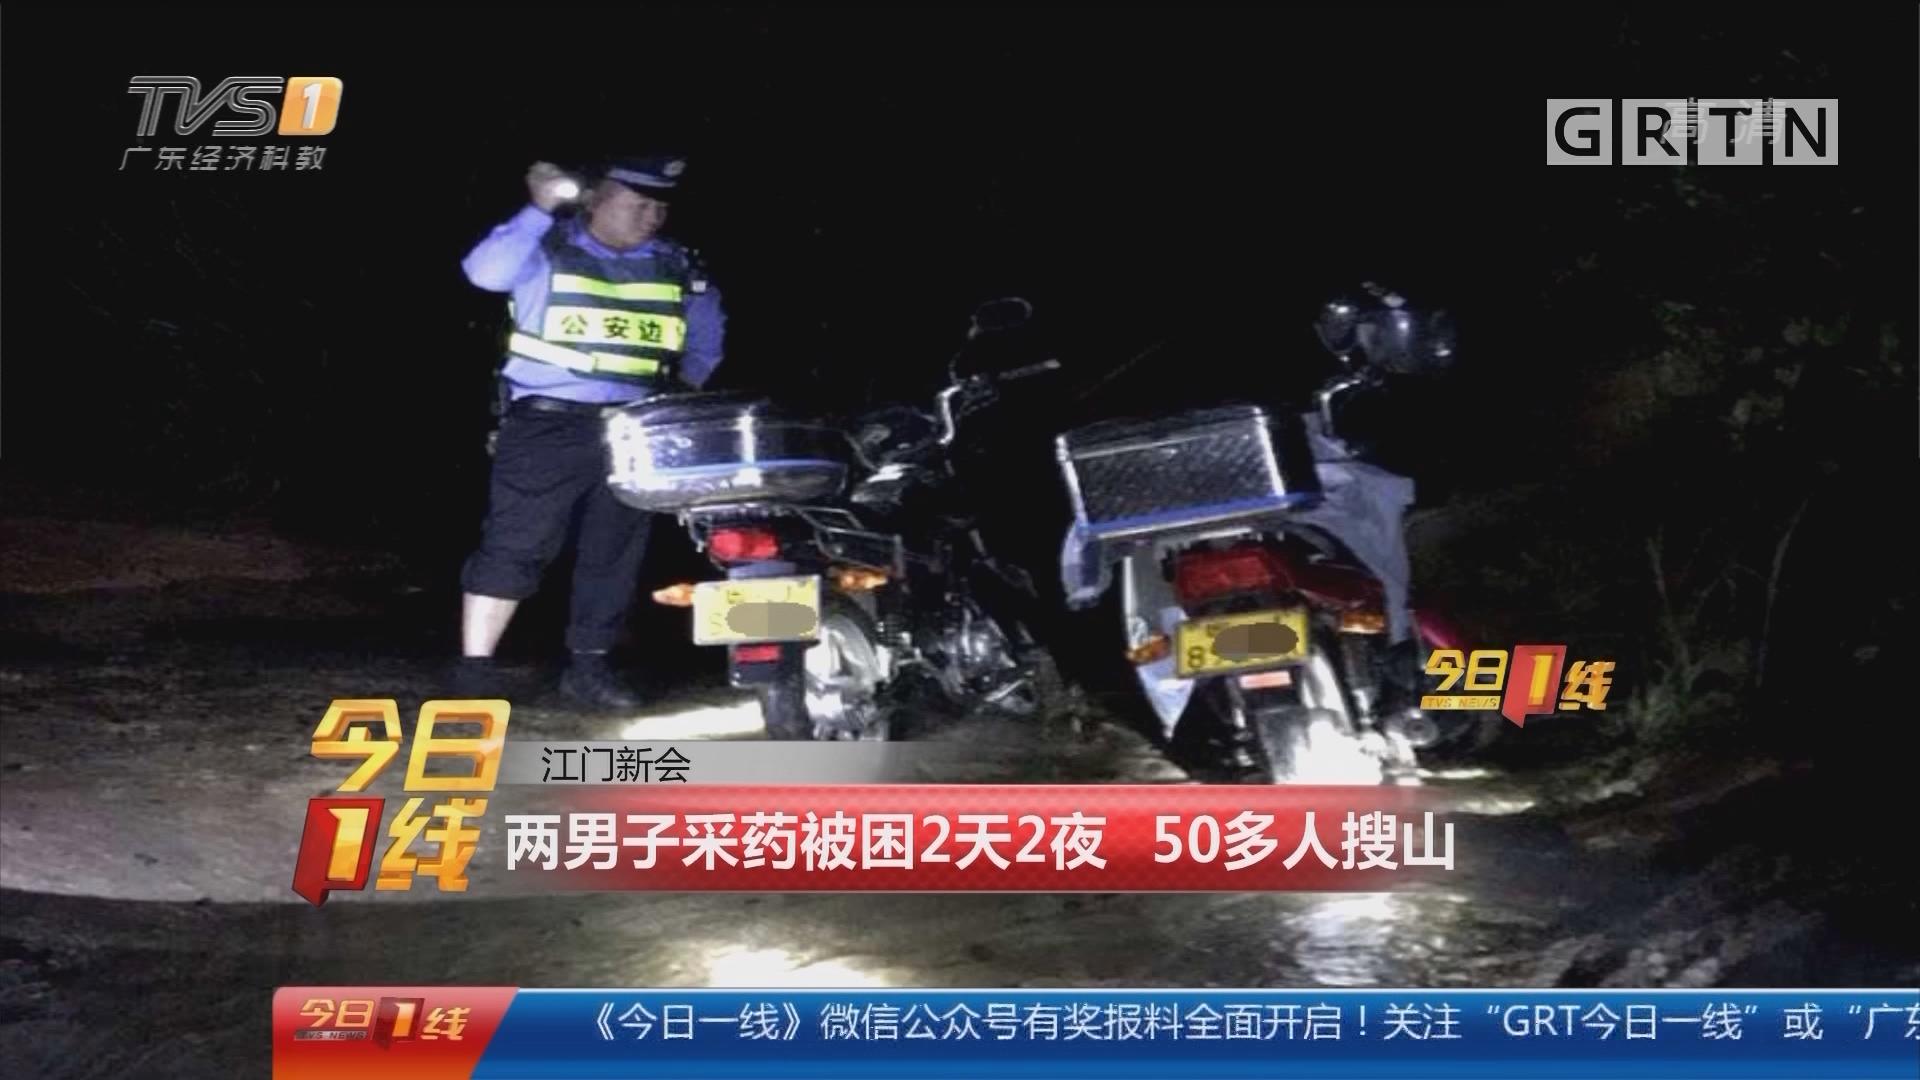 江门新会:两男子采药被困2天2夜 50多人搜山